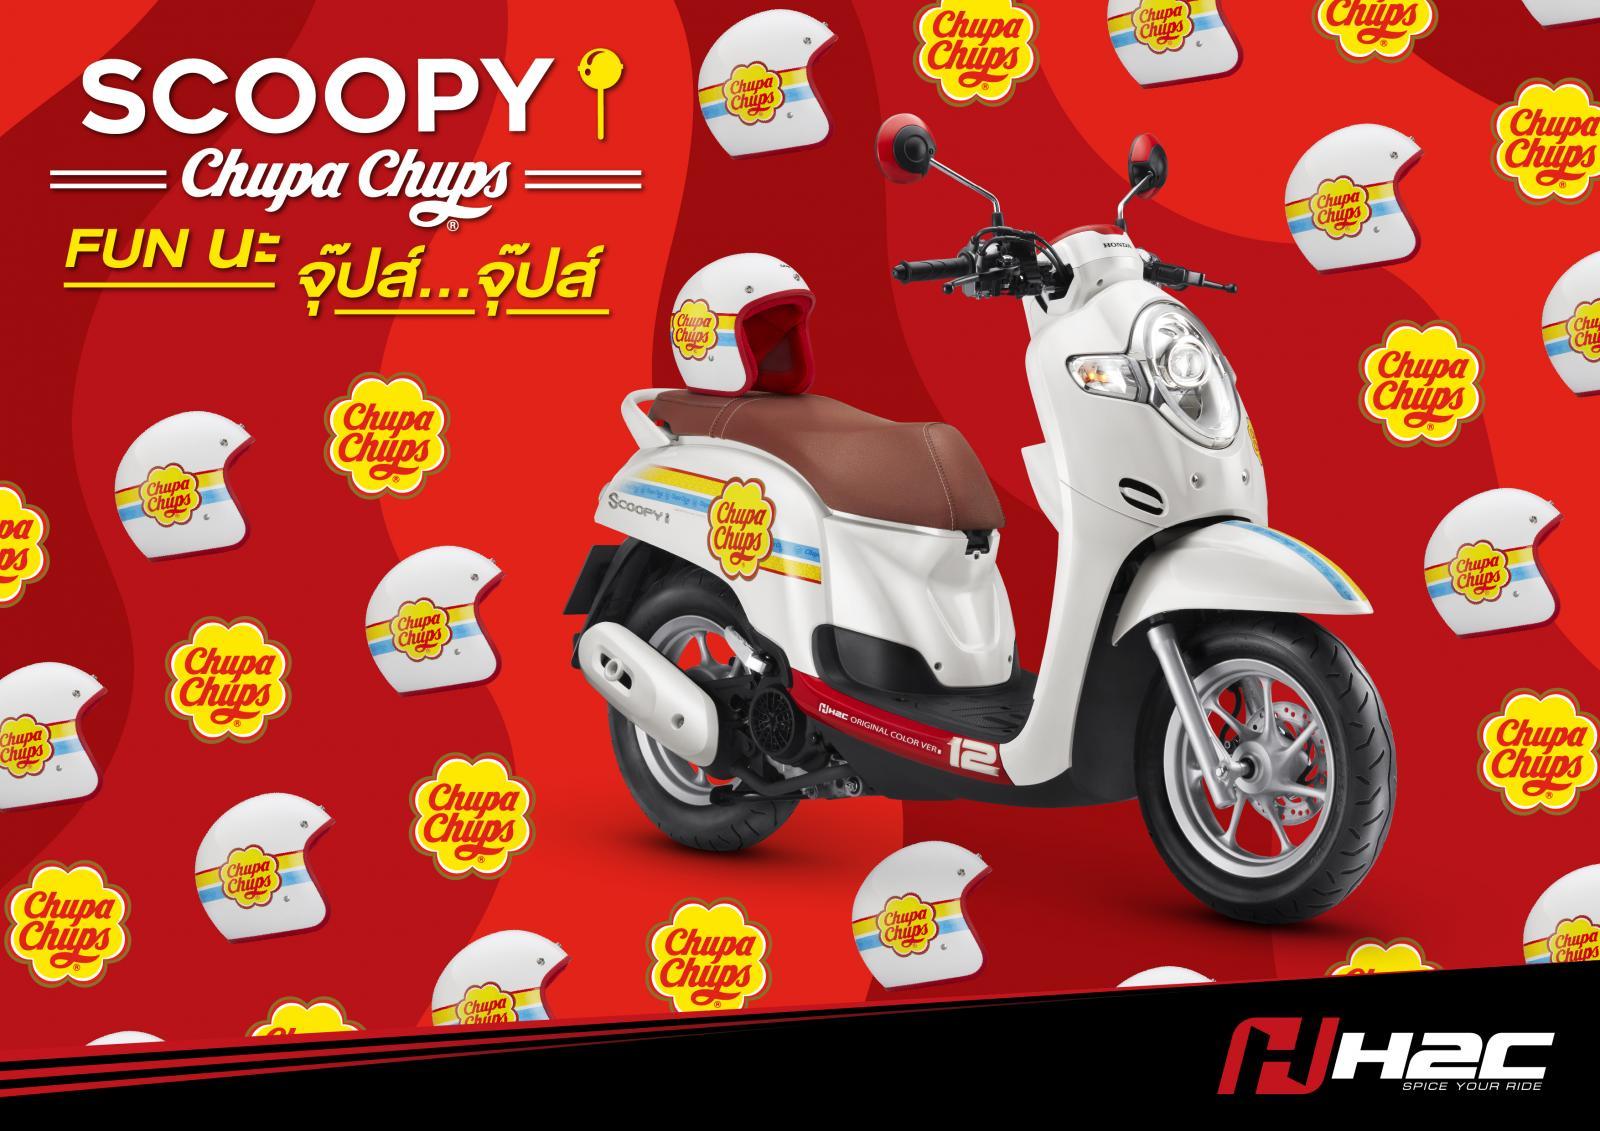 ราคาและตารางผ่อน ดาวน์ Honda Scoopy i Chupa Chups